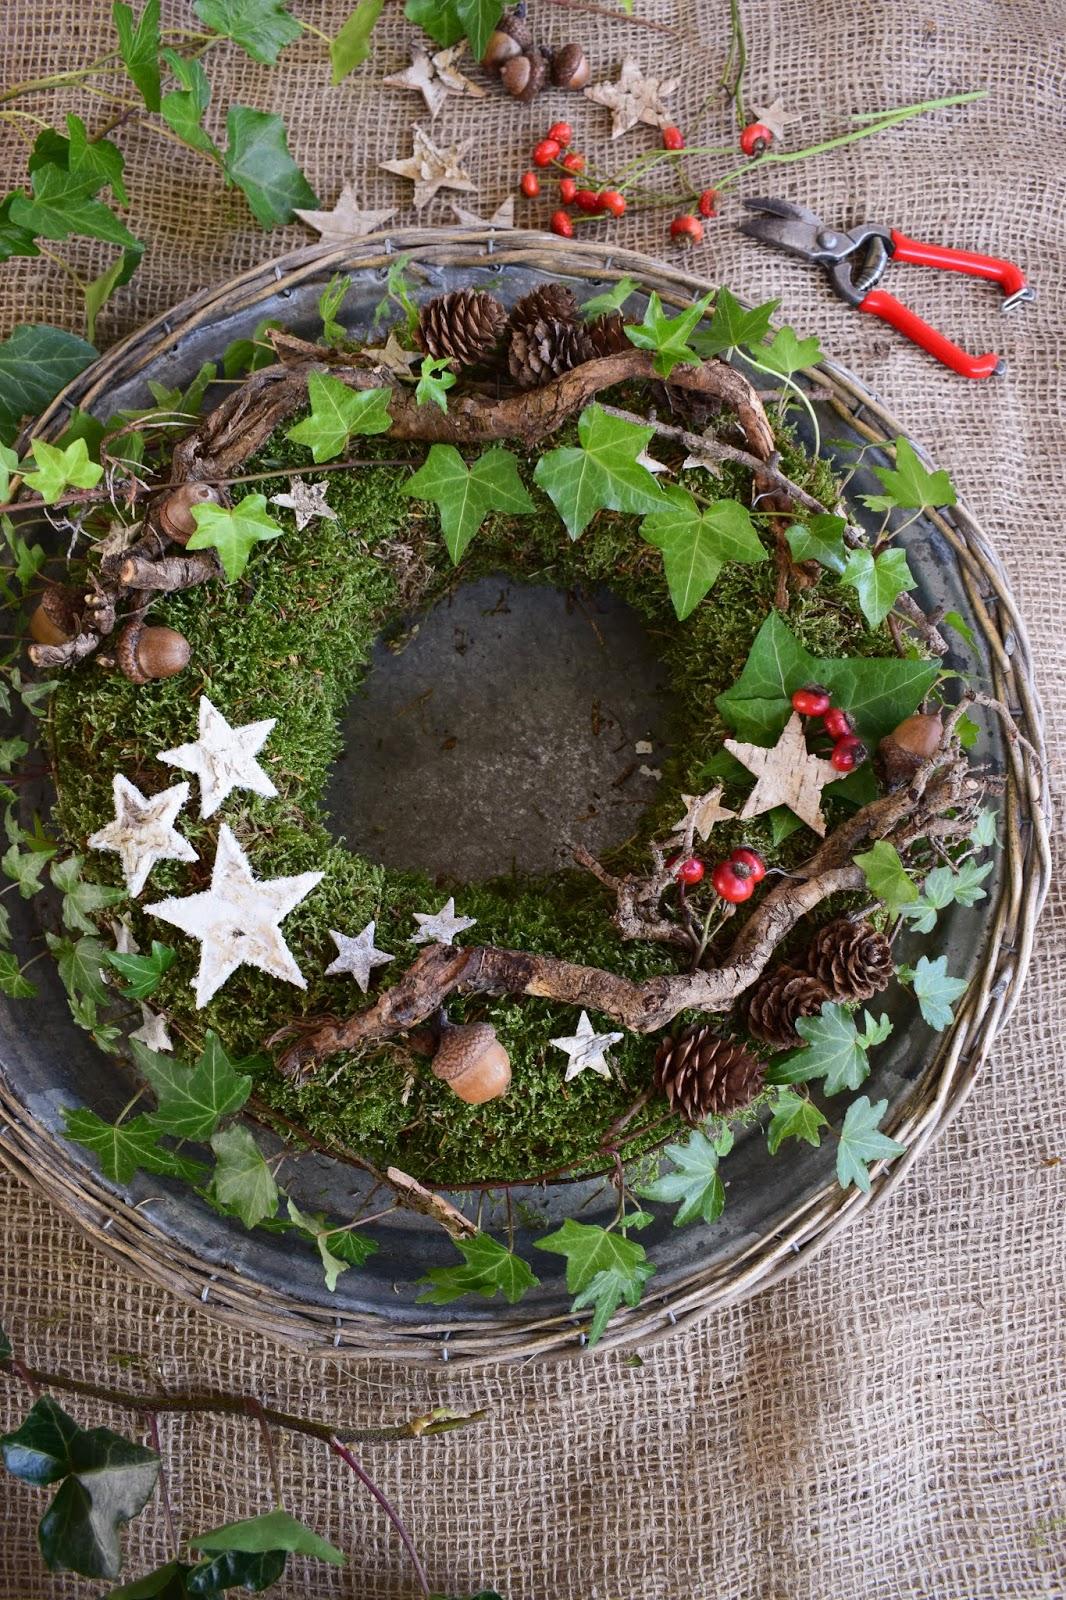 DIY Mooskranz für den Winter. Einfach selber machen mit Moos, Hagebutten, Efeu, Eicheln, Sternen. Winterdeko Weihnachtsdeko Kranz binden Weihnachten